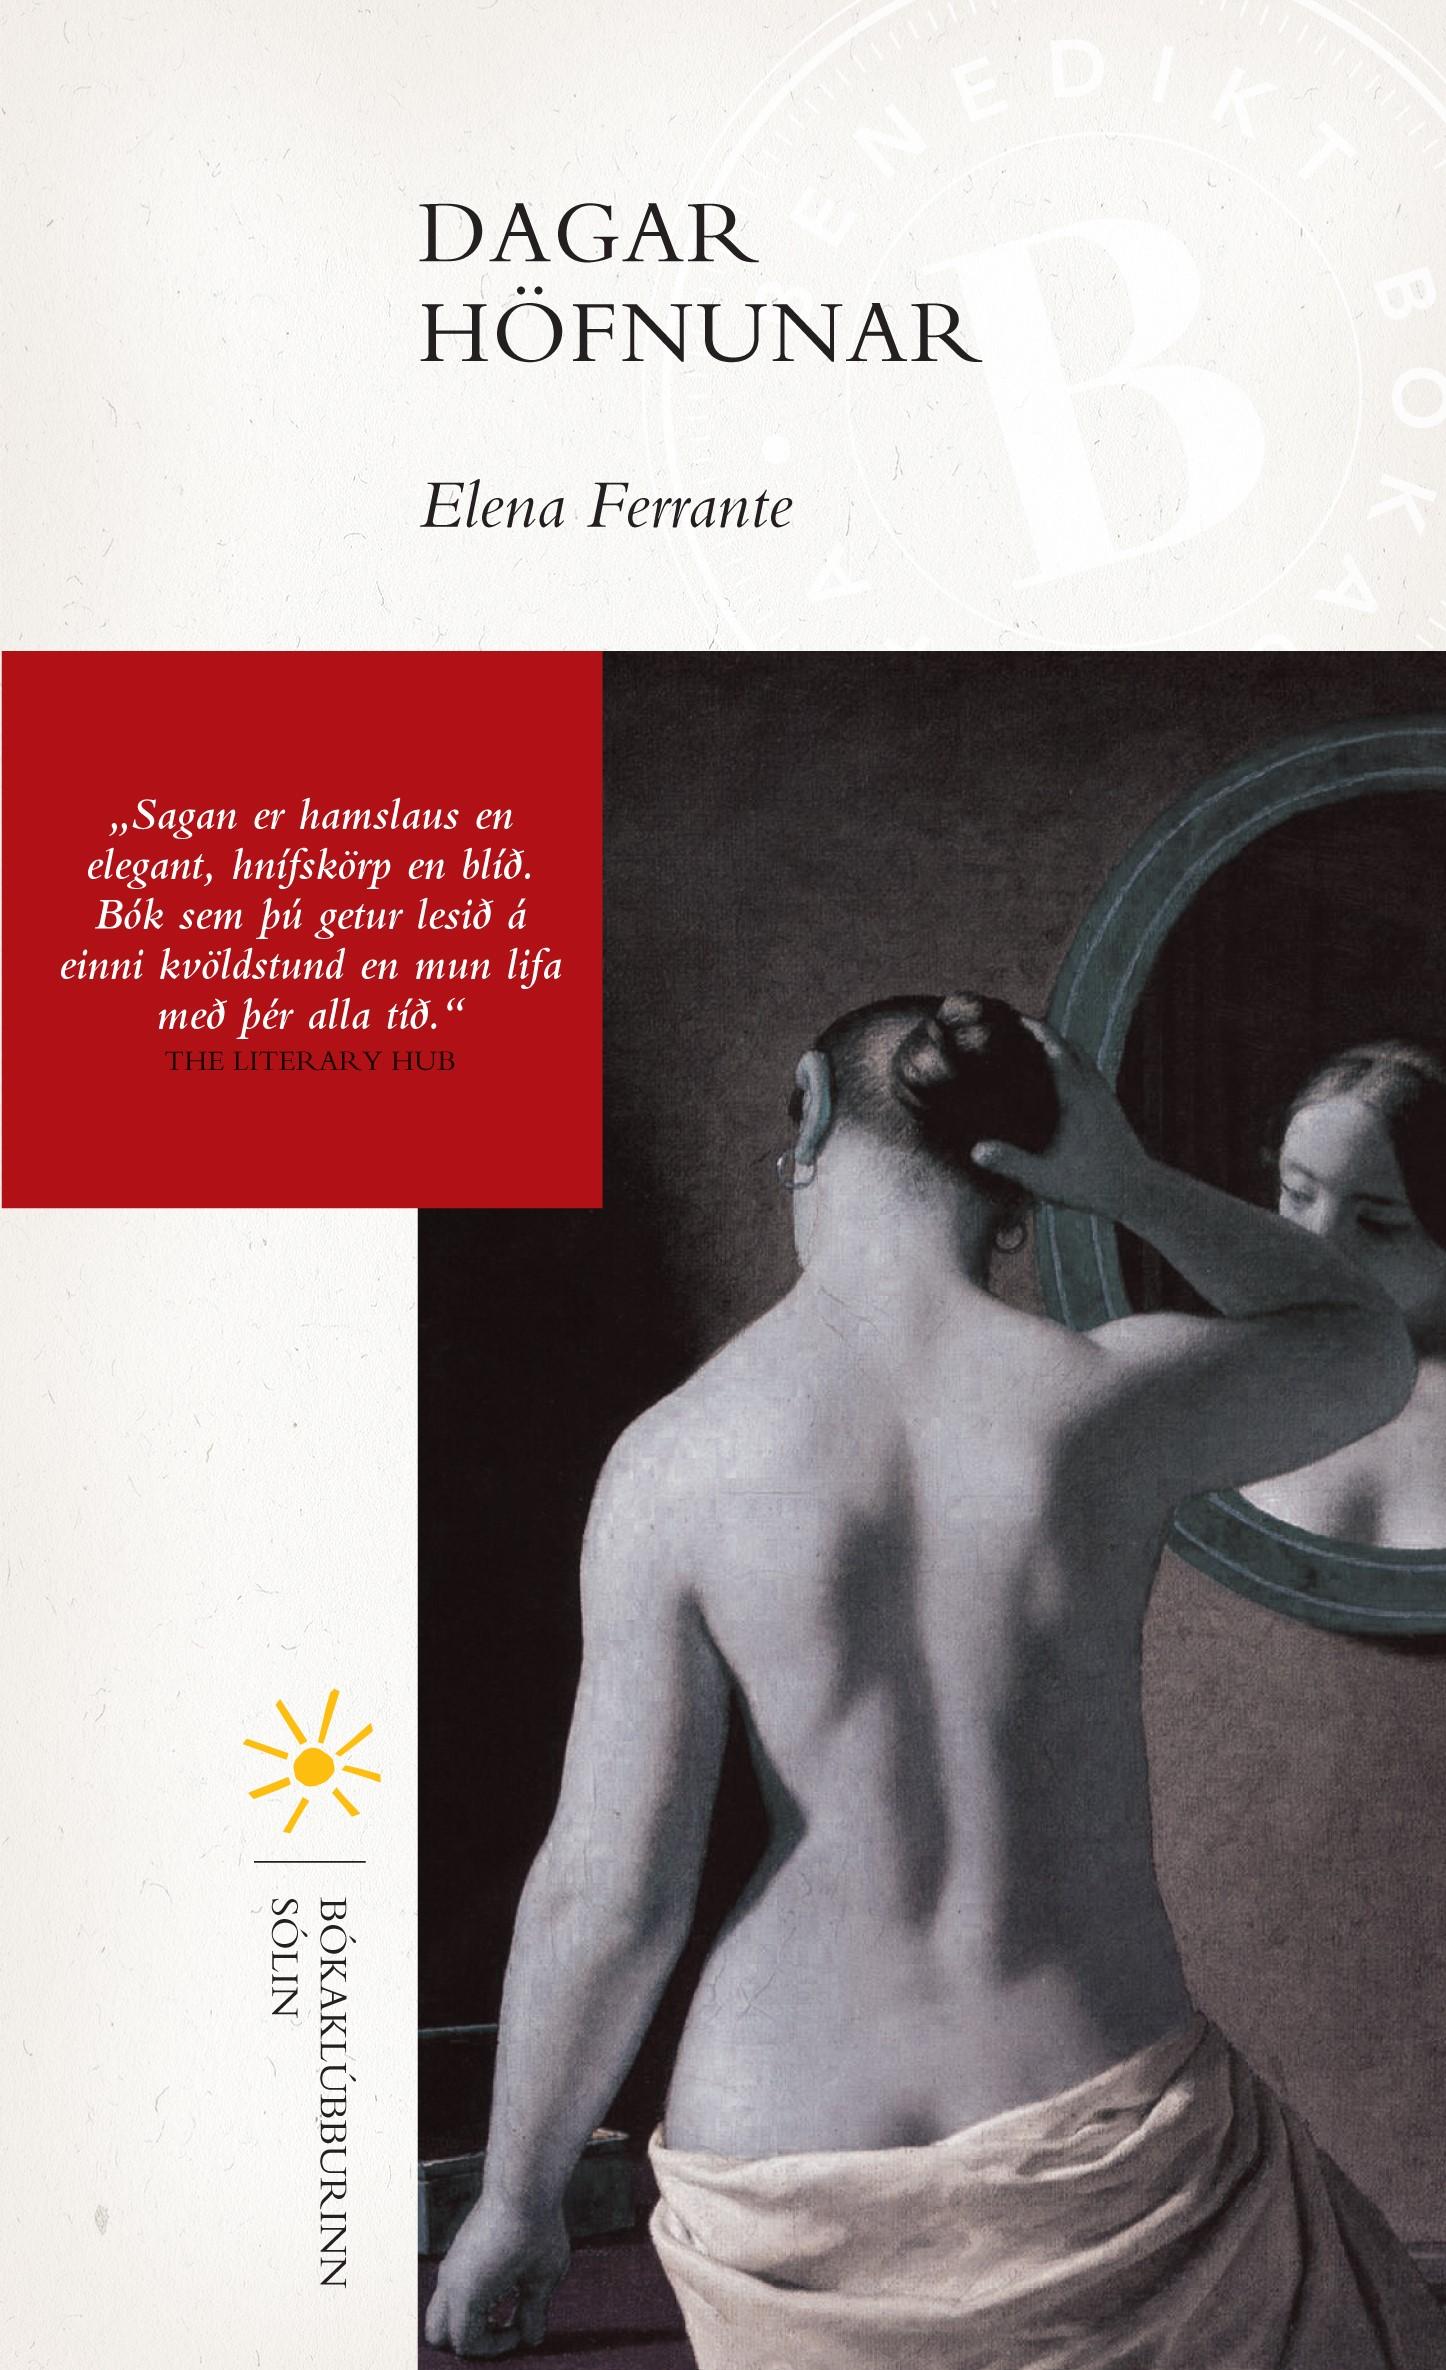 Dagar höfnunar - Elena Ferrante - Forlagið bókabúð 2f8258e65d720